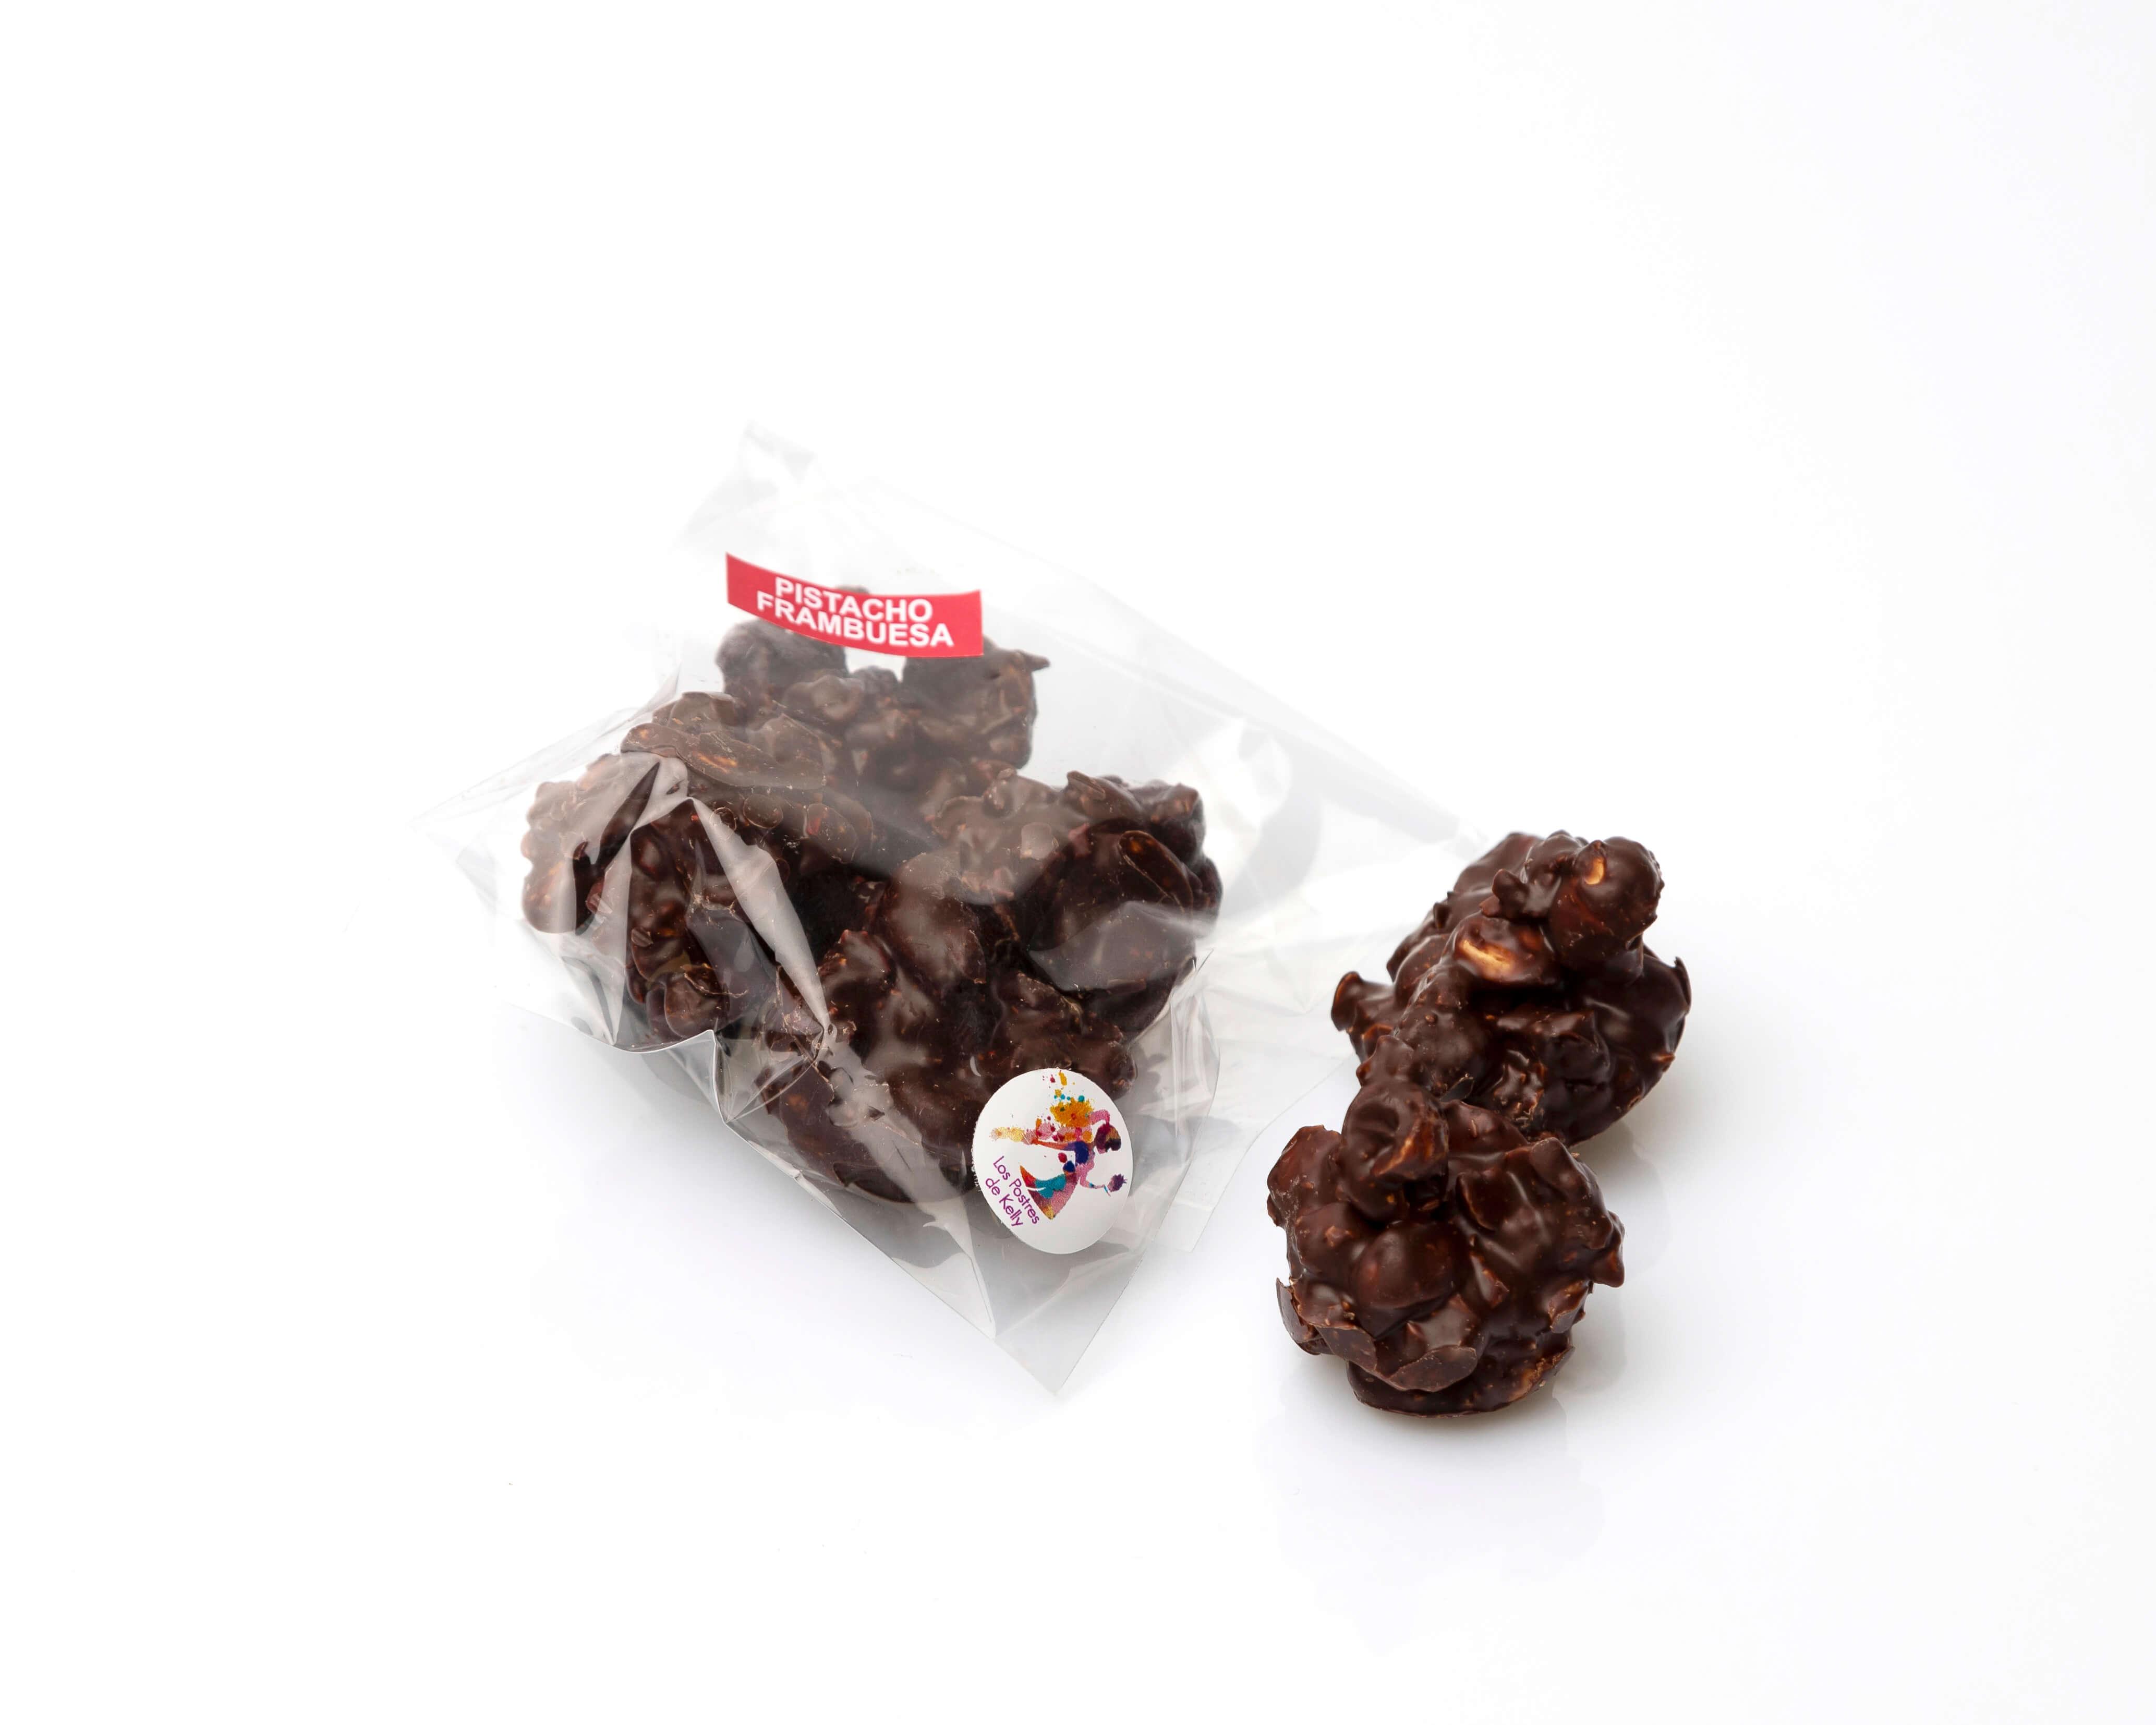 Rocas de chocolate con frutos secos coruña